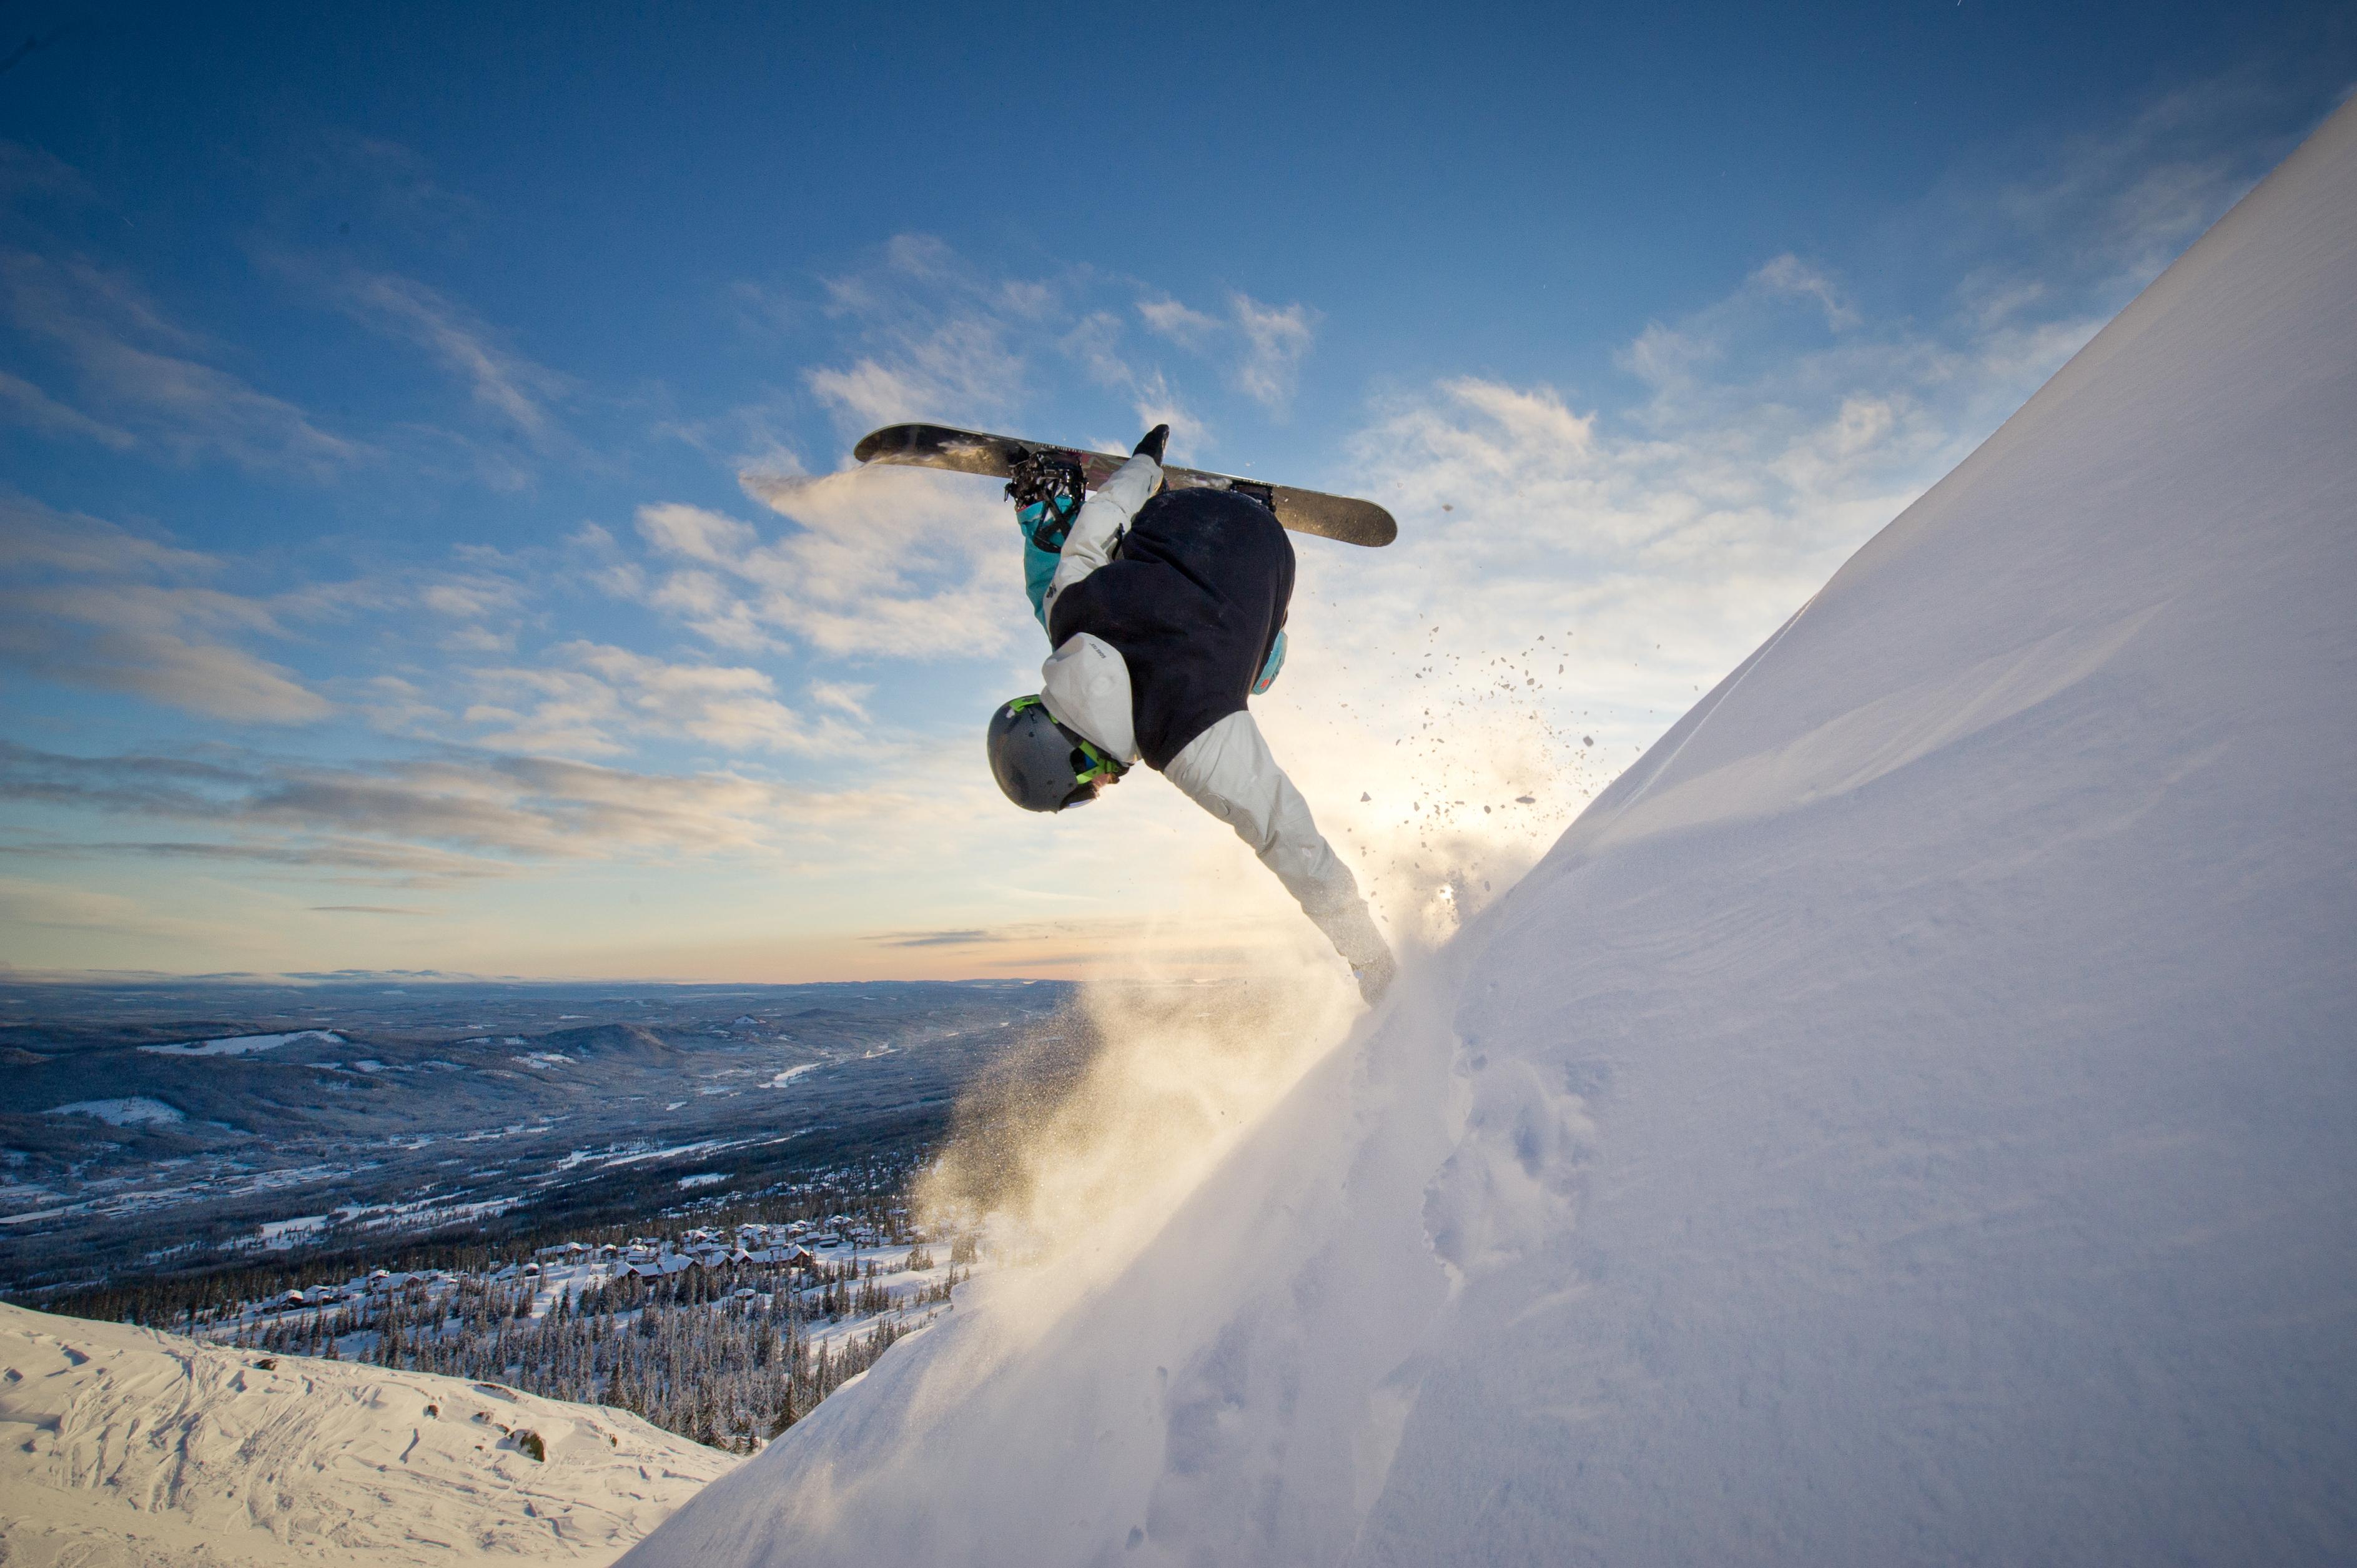 фото сноубордиста в полете предпочитает ночной образ